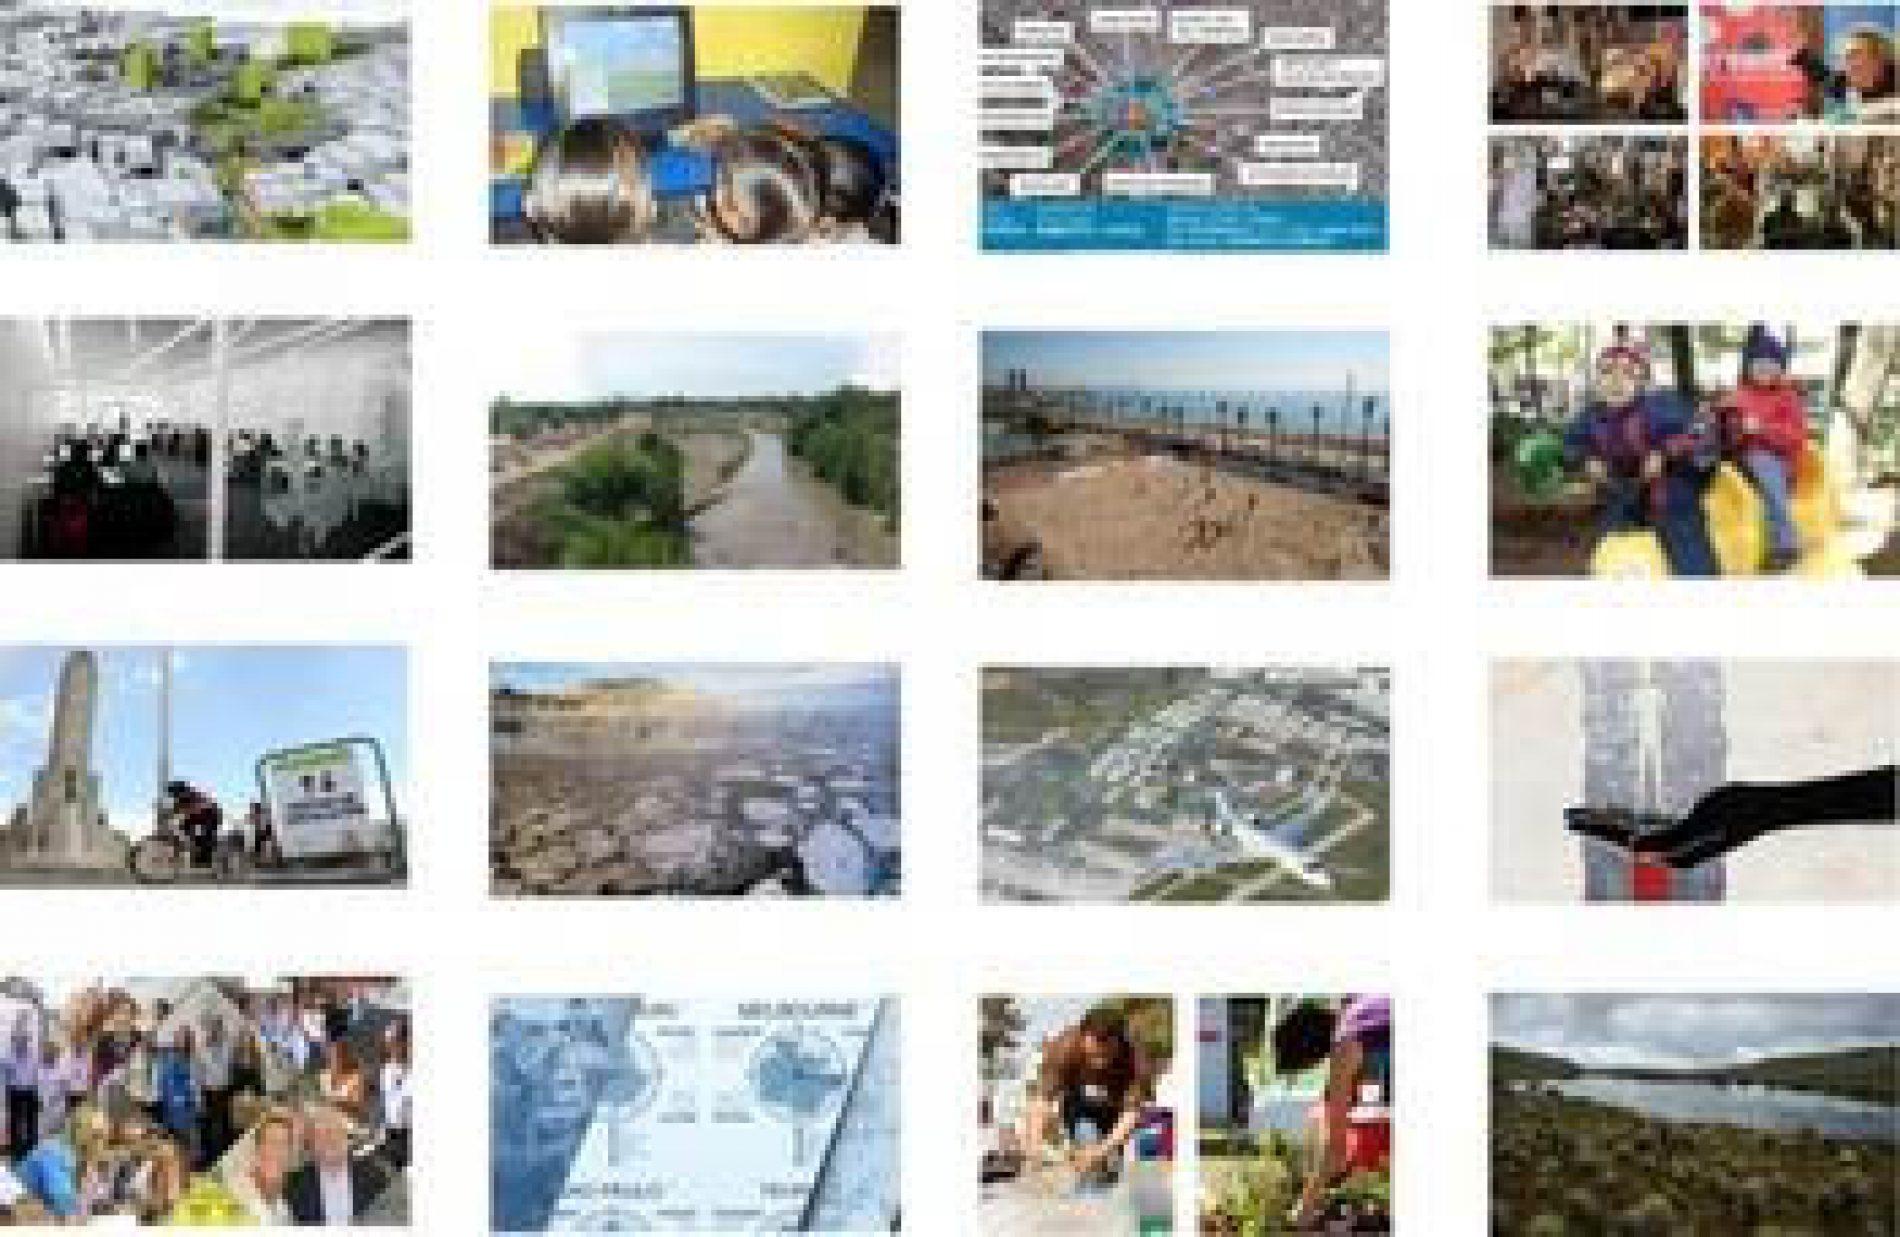 Un jury d'experts évalue les propositions de nouvelles initiatives METROPOLIS